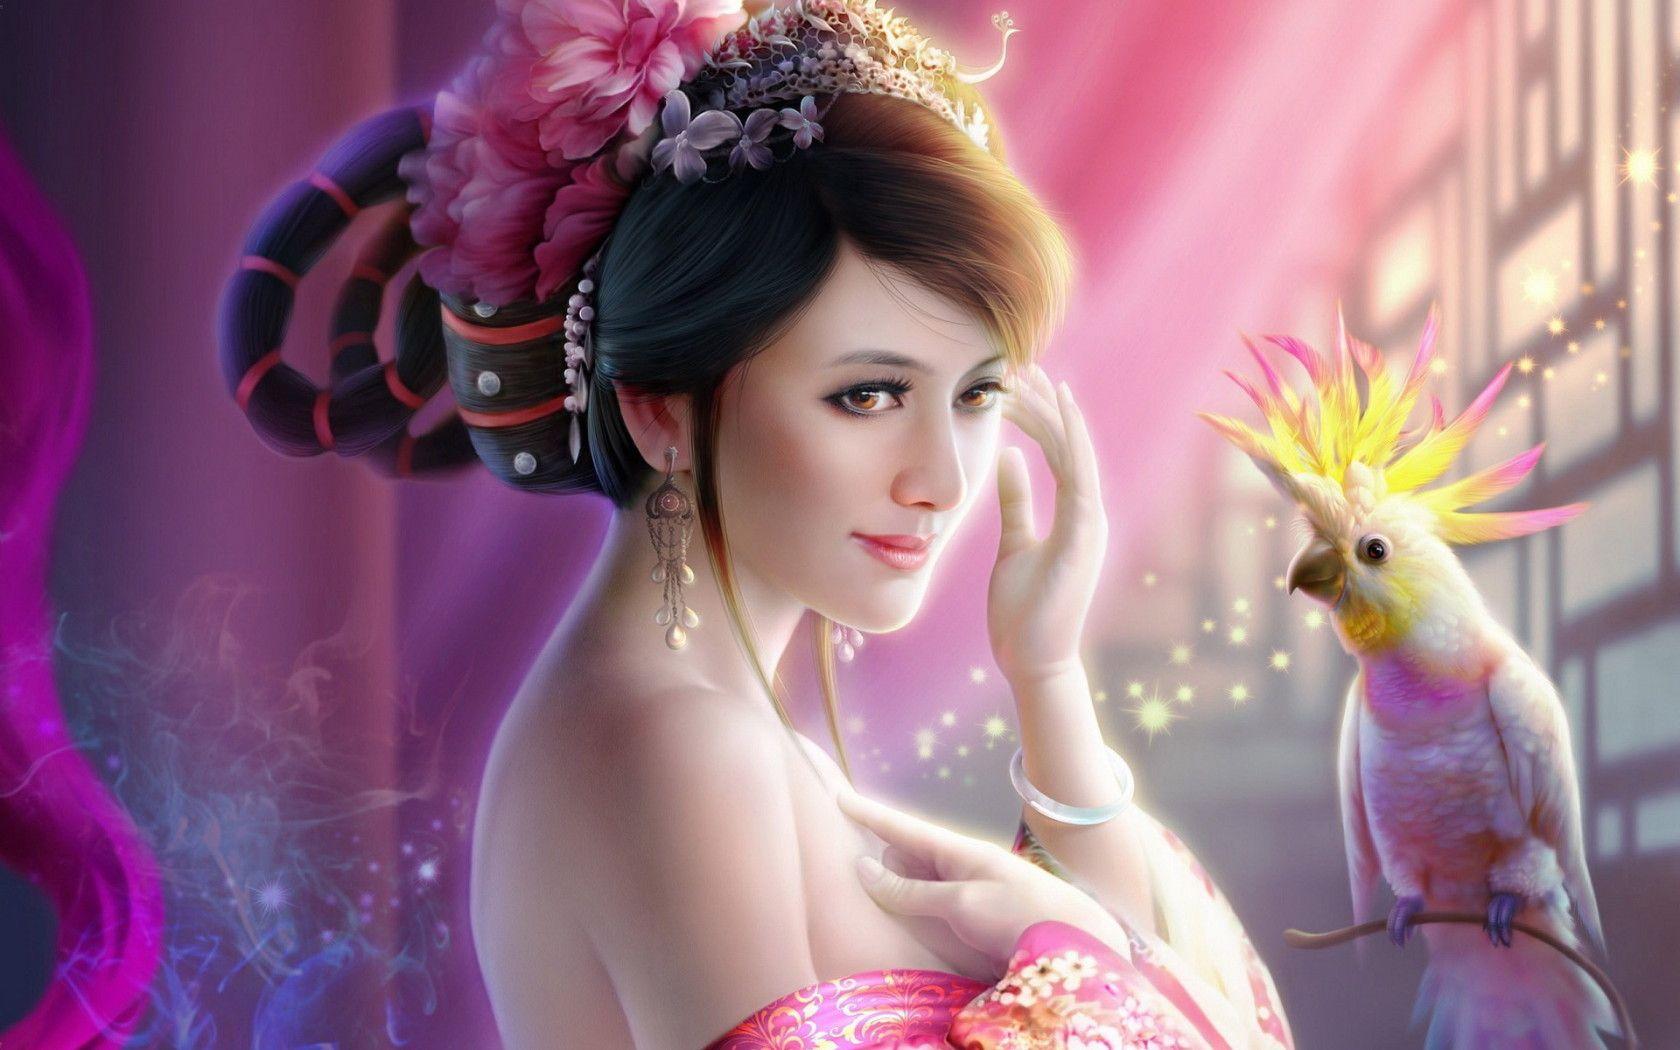 Beautiful 3d Girls Desktop Wallpaper In 2020 Fantasy Princess Fantasy Girl Cool Wallpapers For Girls